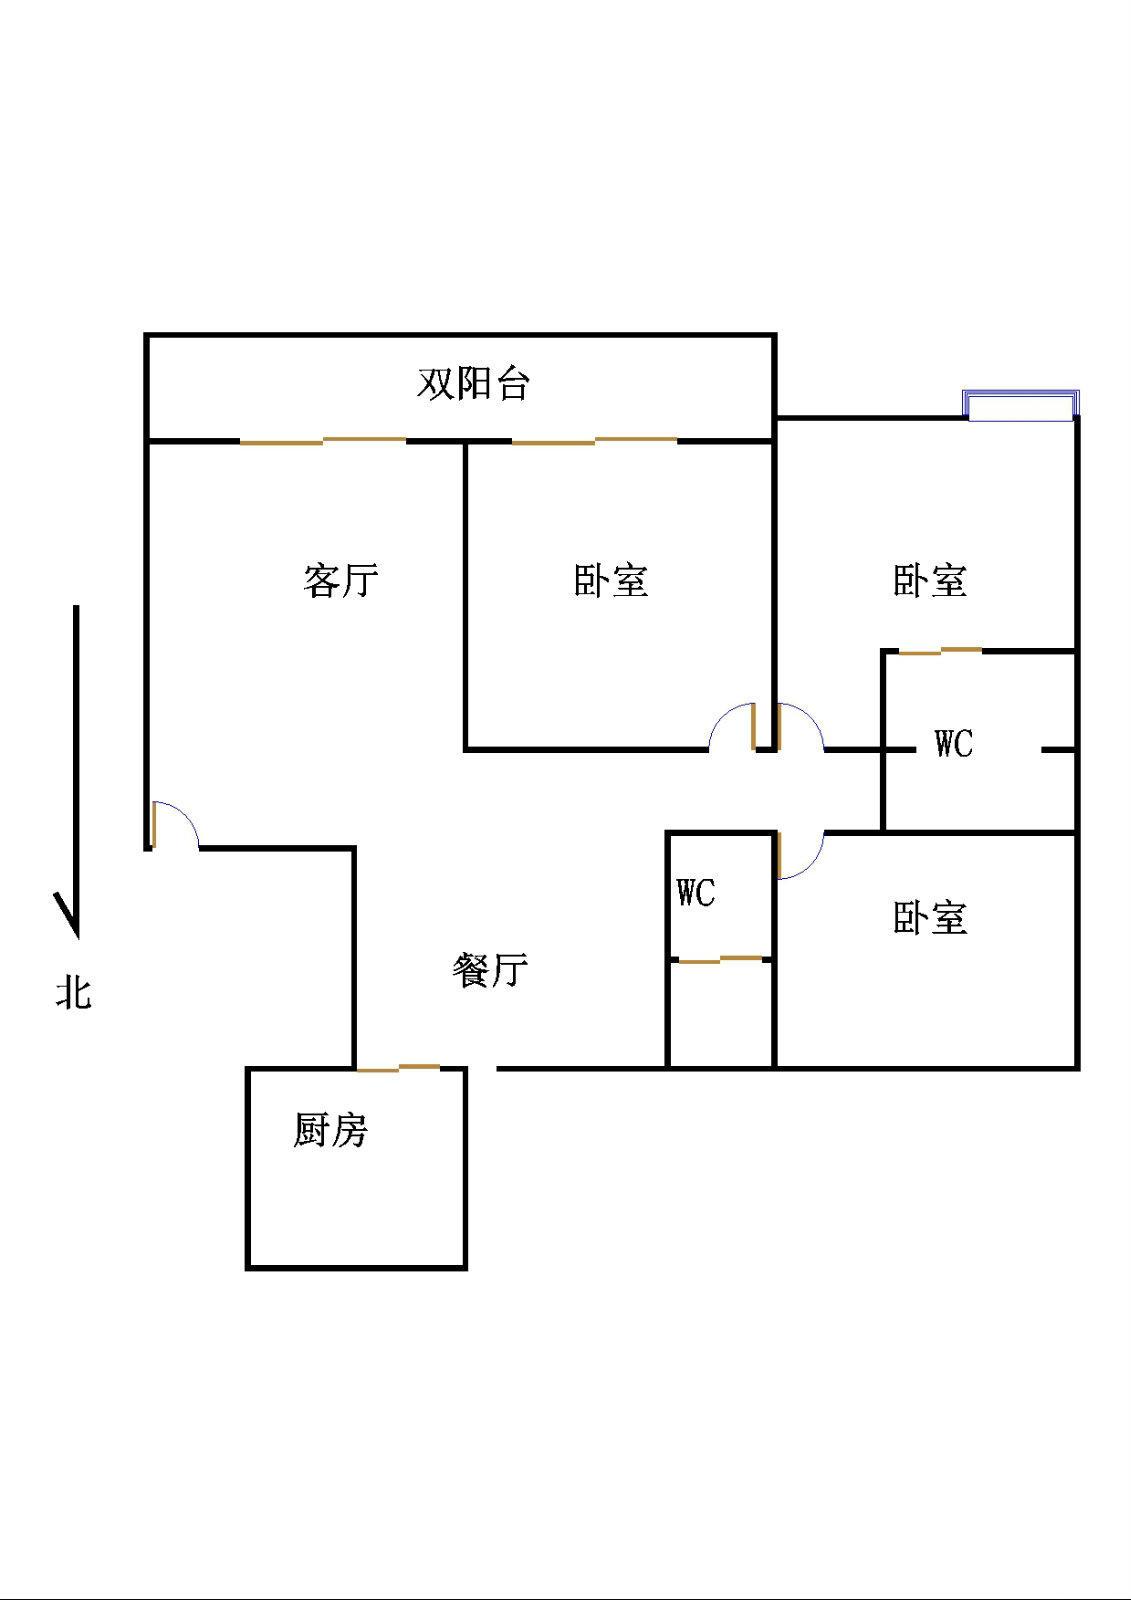 华腾御城 3室2厅  精装 158万